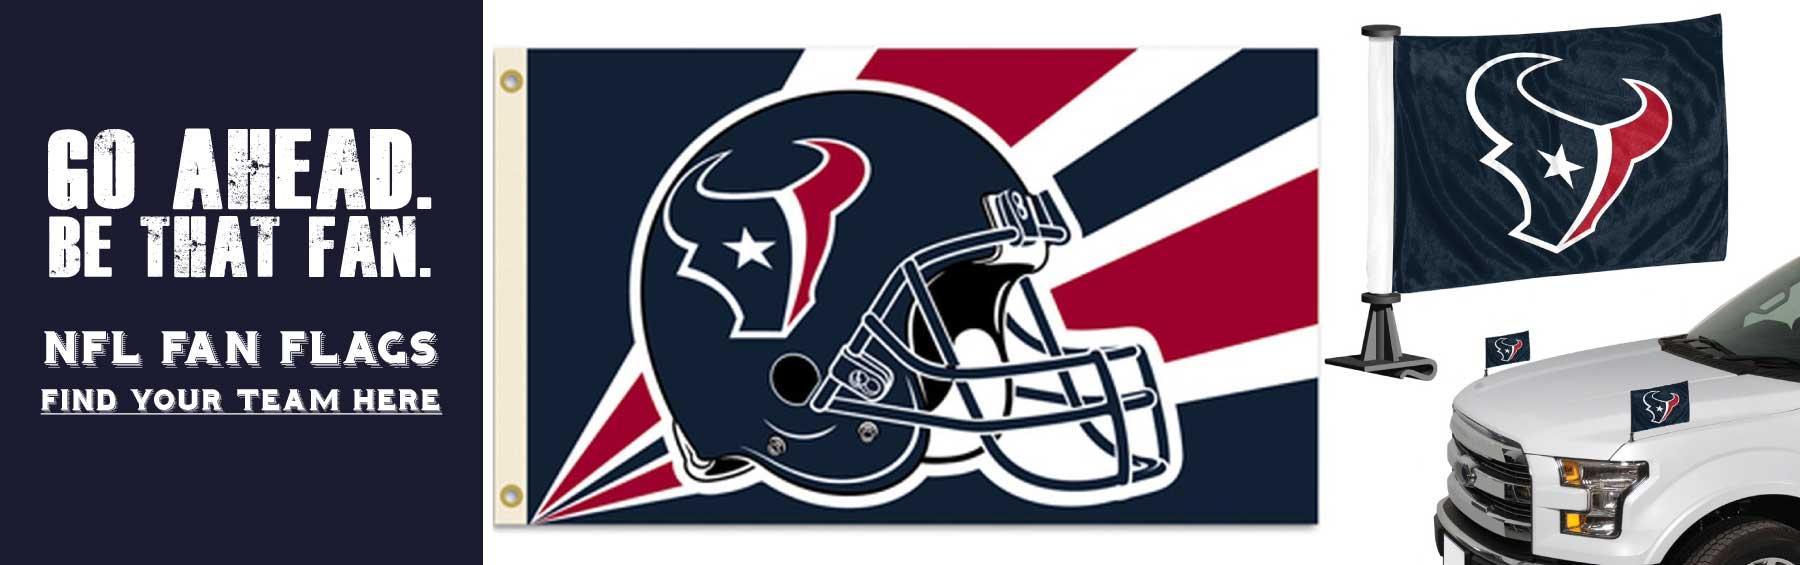 NFL Fan Flags